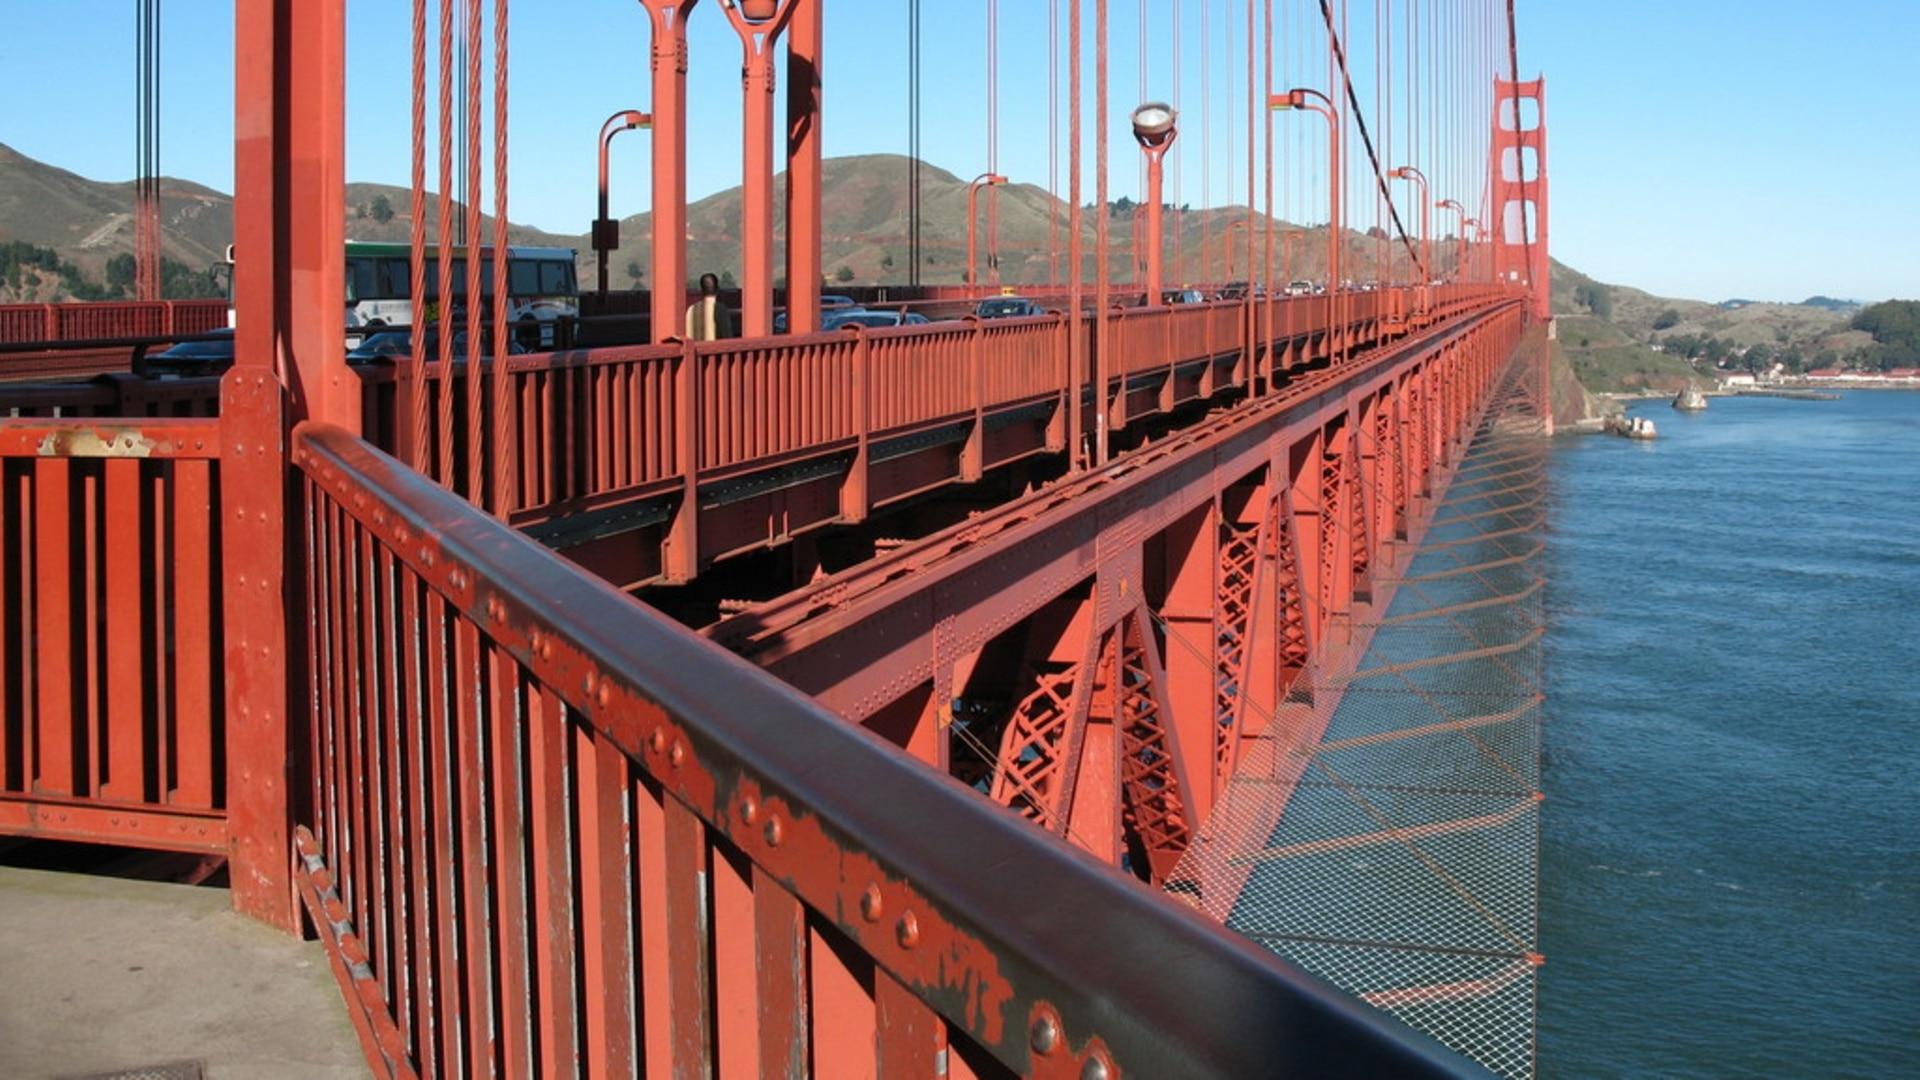 米ゴールデンゲートブリッジ スイスの橋を参考に自殺対策